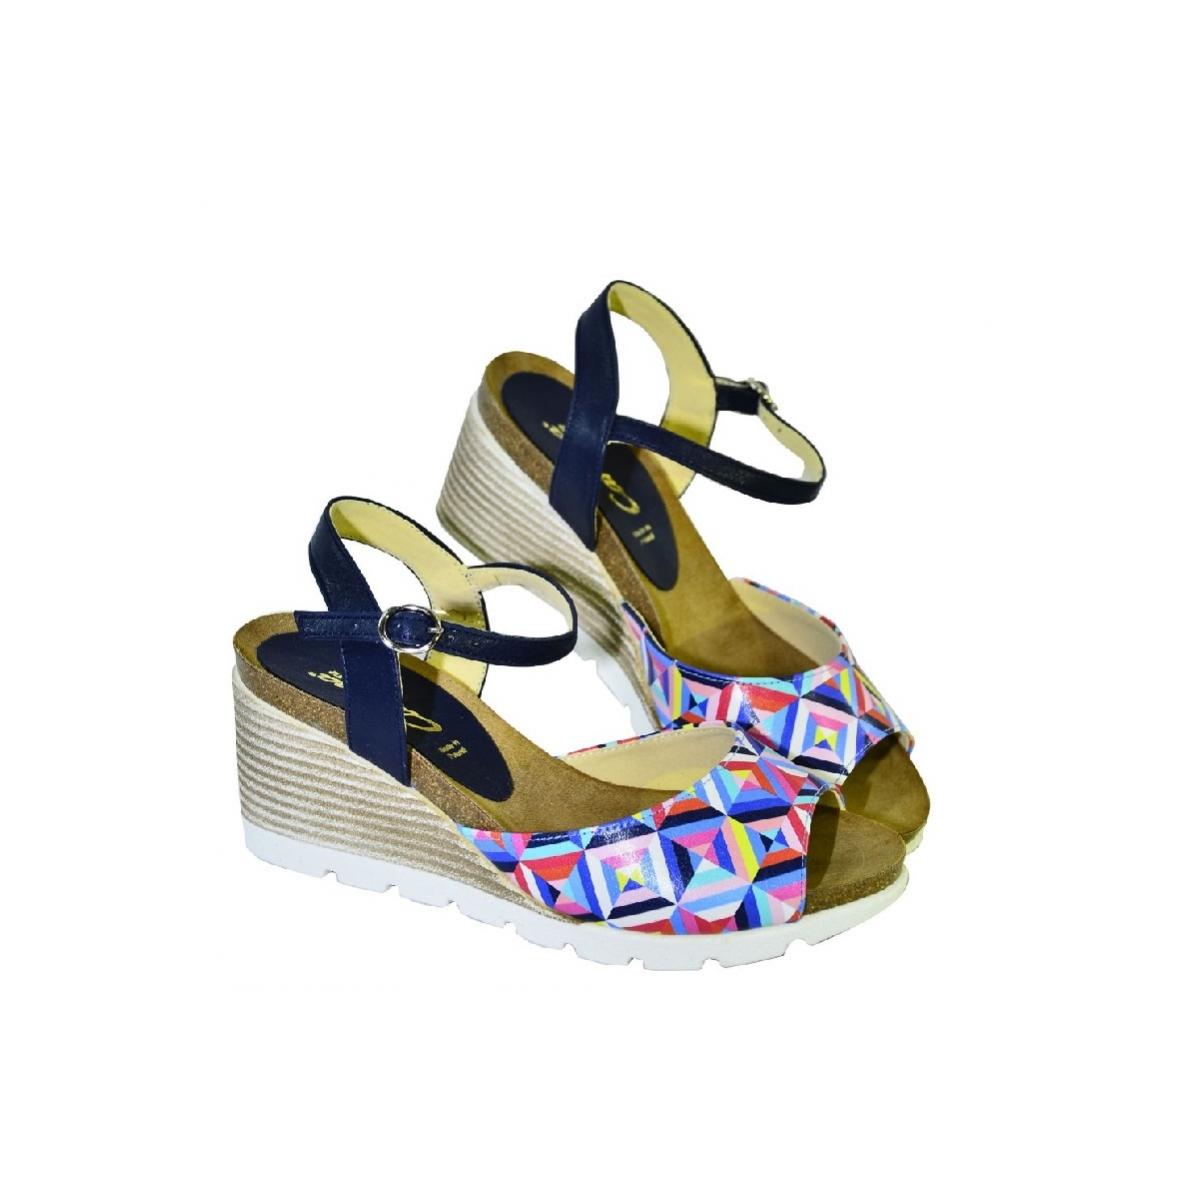 6215a53fb0c7 Farebné kožené sandále na klinovom opätku Carsona TARA - 3